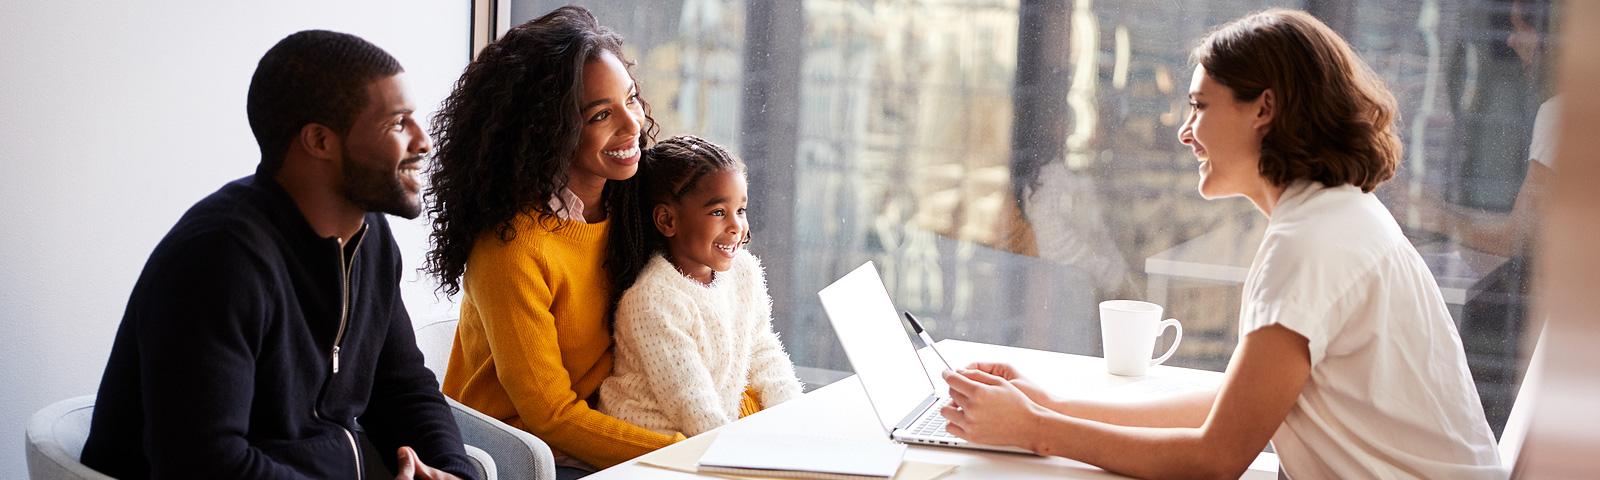 Parent Educational Resources in Birmingham Michigan